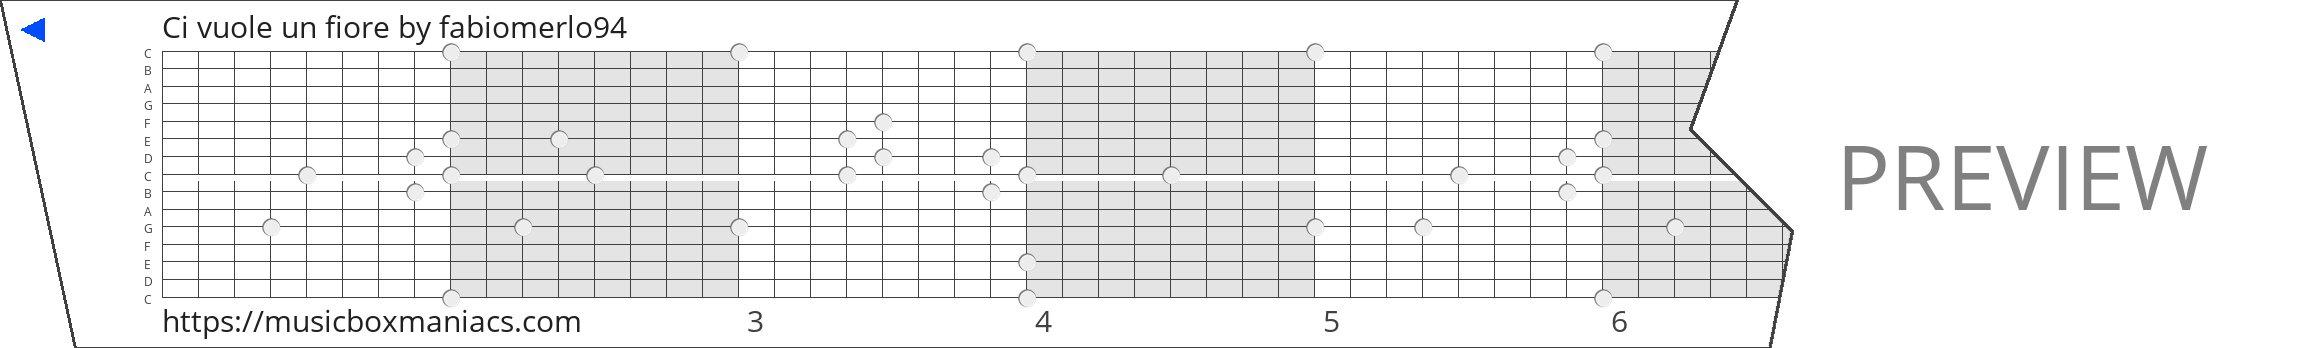 Ci vuole un fiore 15 note music box paper strip